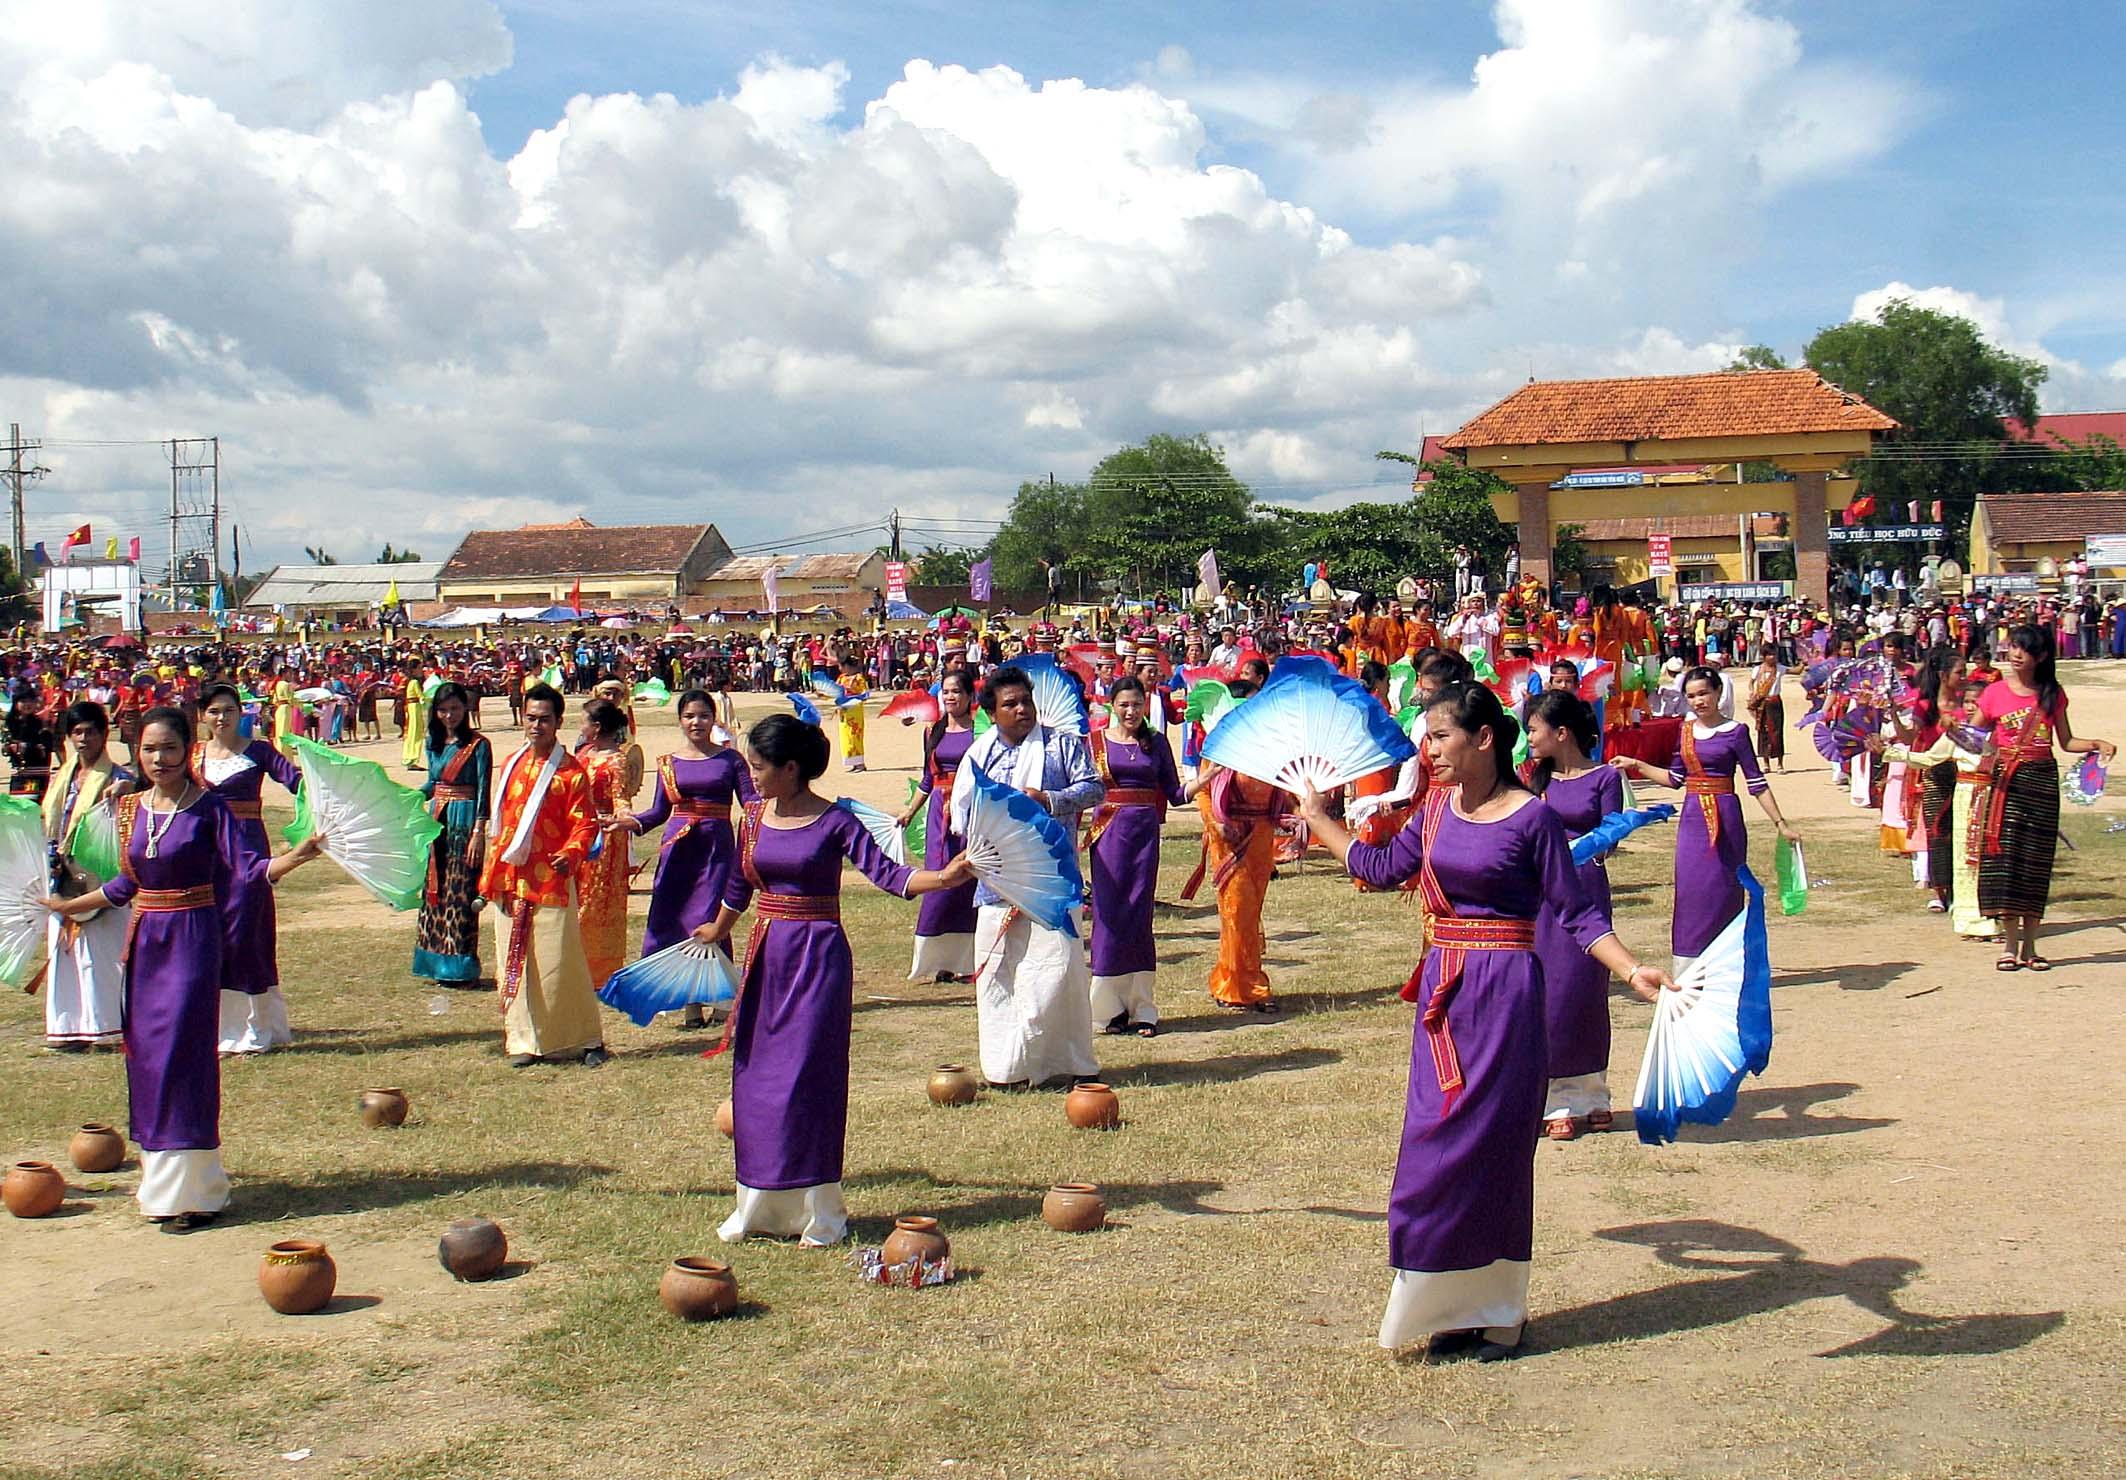 Lễ hội dân gian đặc sắc của dân tộc Chăm ở Ninh Thuận